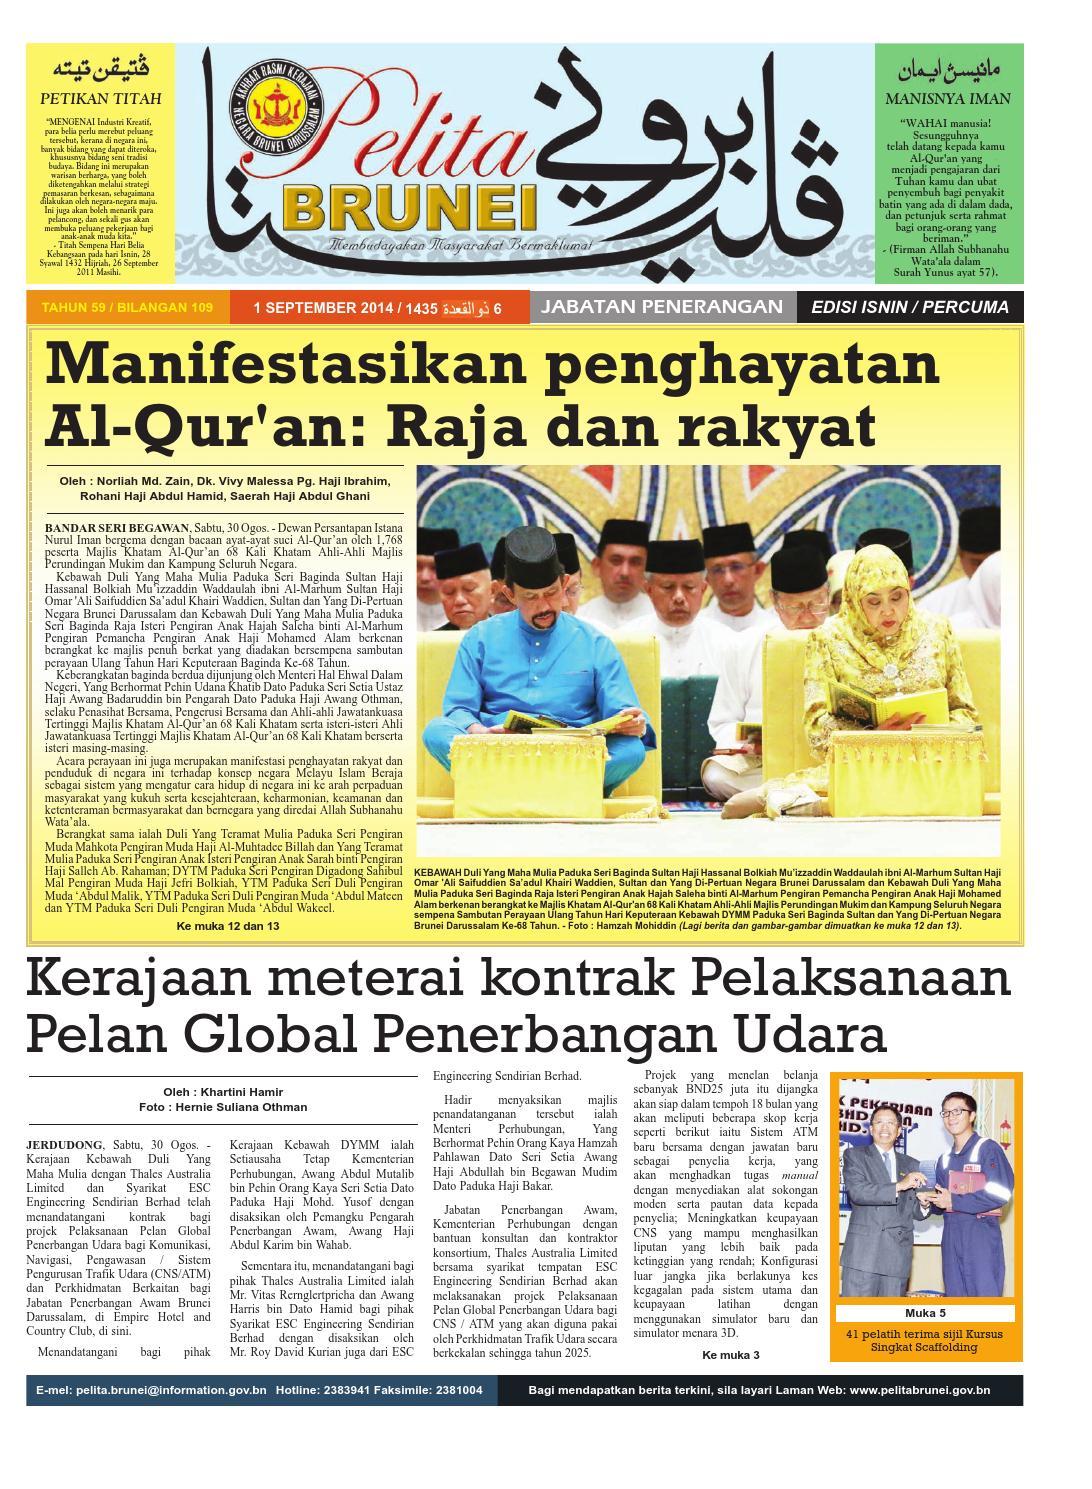 Pelita Brunei Isnin 1 Sept 2014 By Putera Katak Brunei Issuu